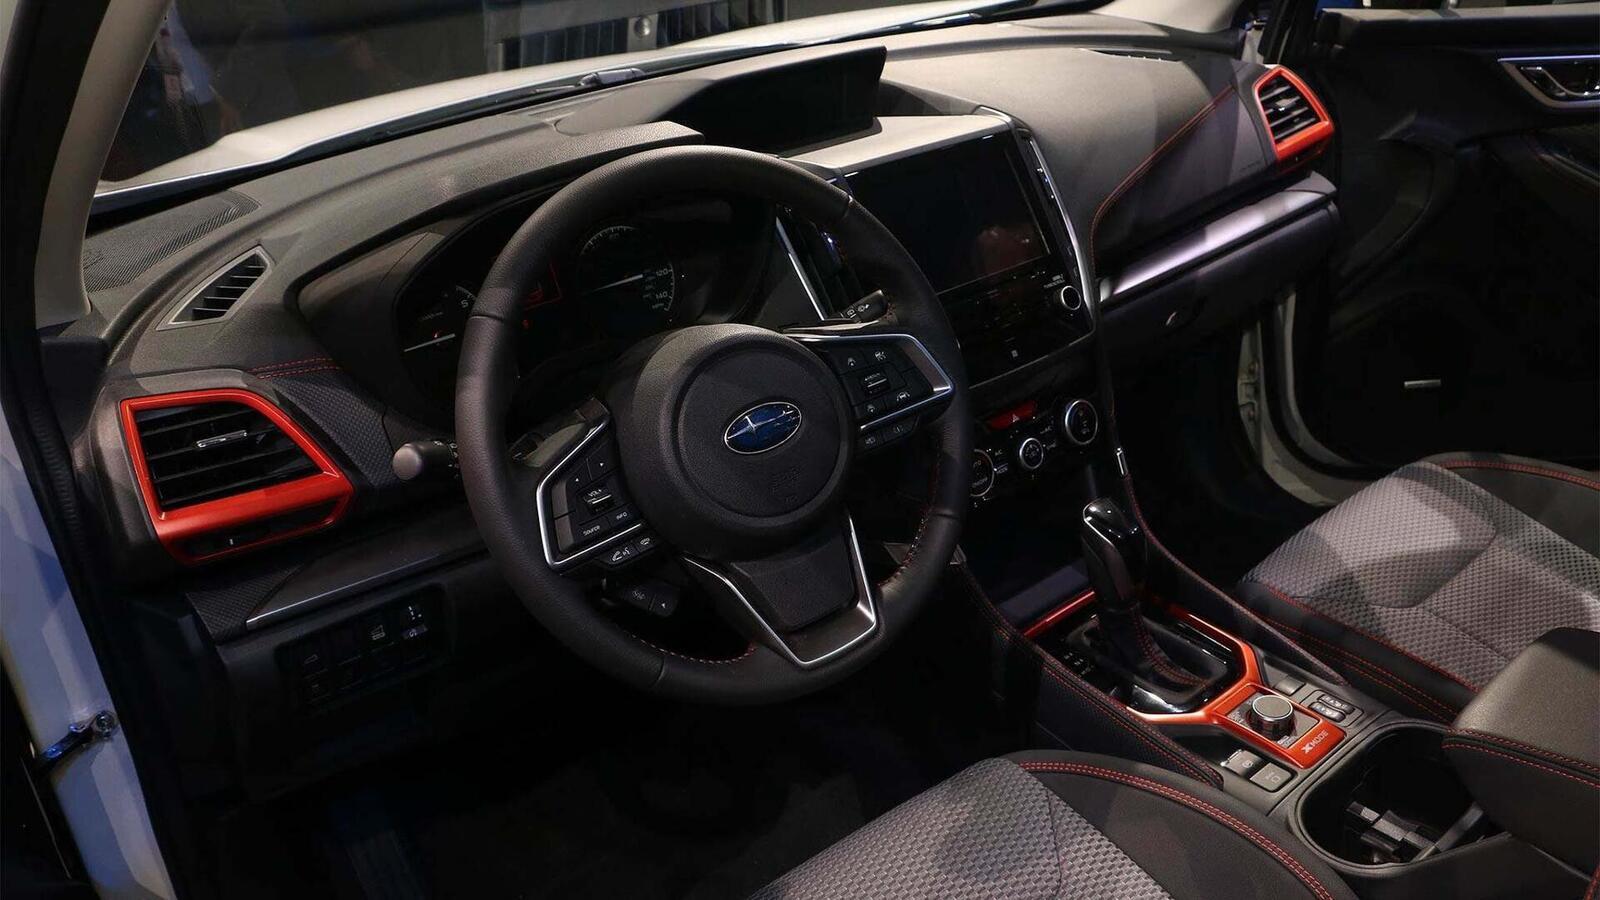 Subaru Forester 2019: Thay đổi nội ngoại thất, động cơ mạnh hơn, thêm nhiều phiên bản - Hình 18